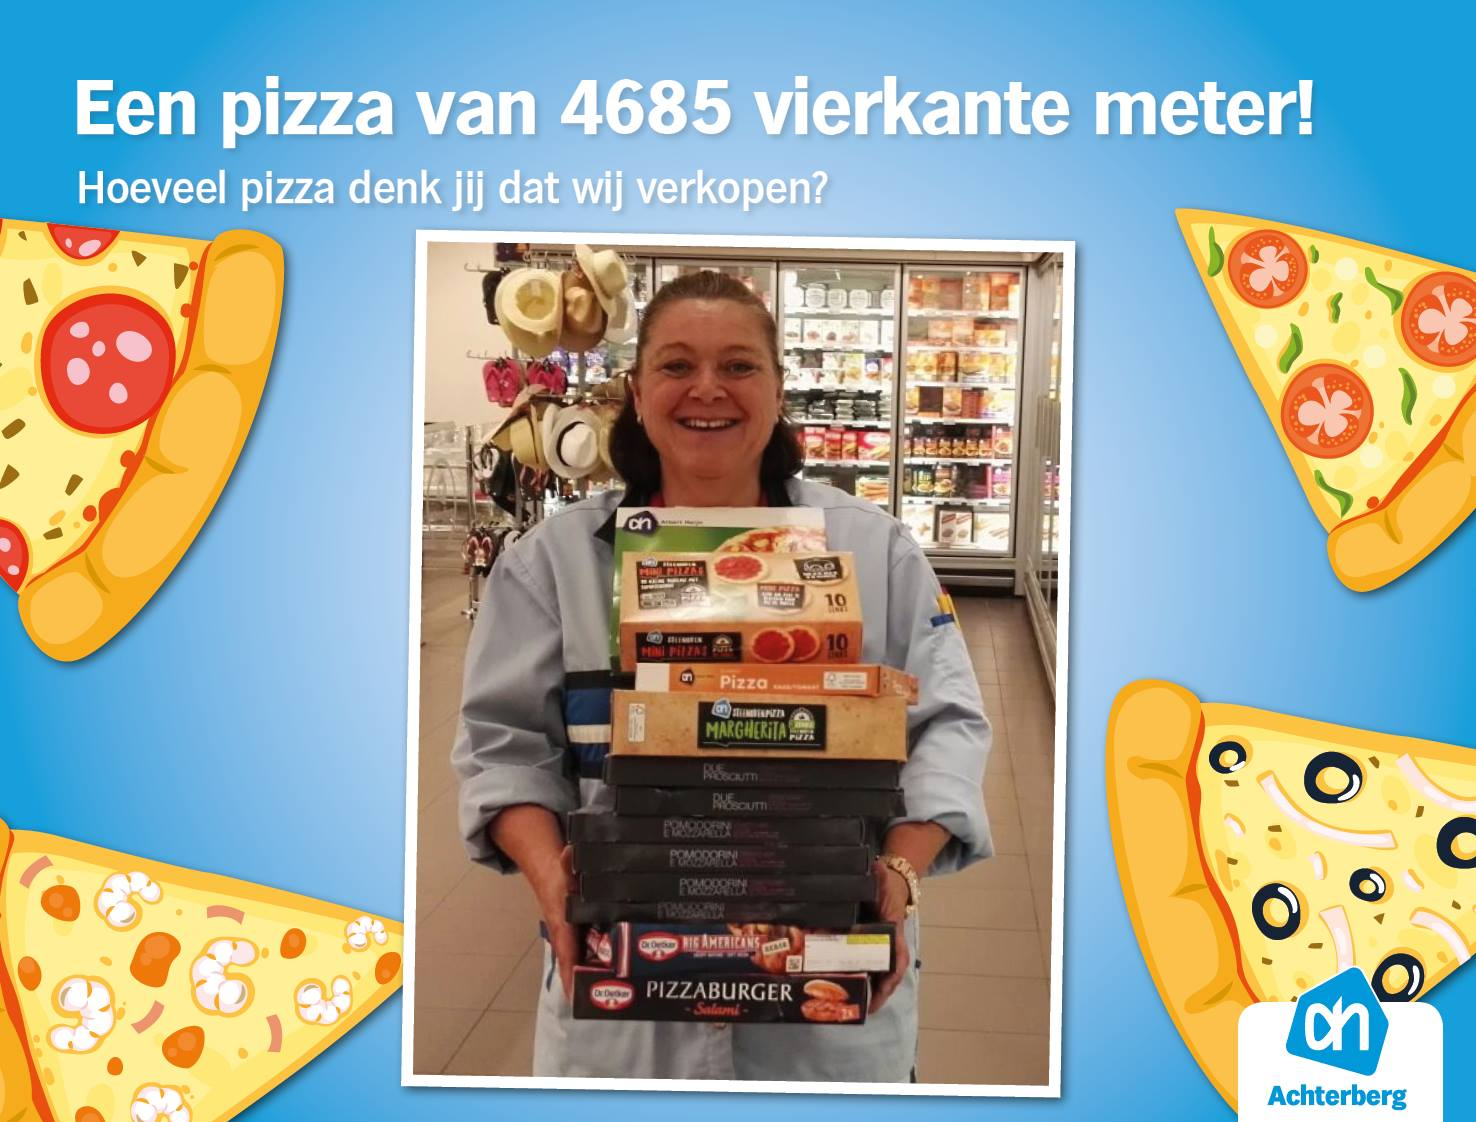 Een pizza van 4685 vierkante meter!